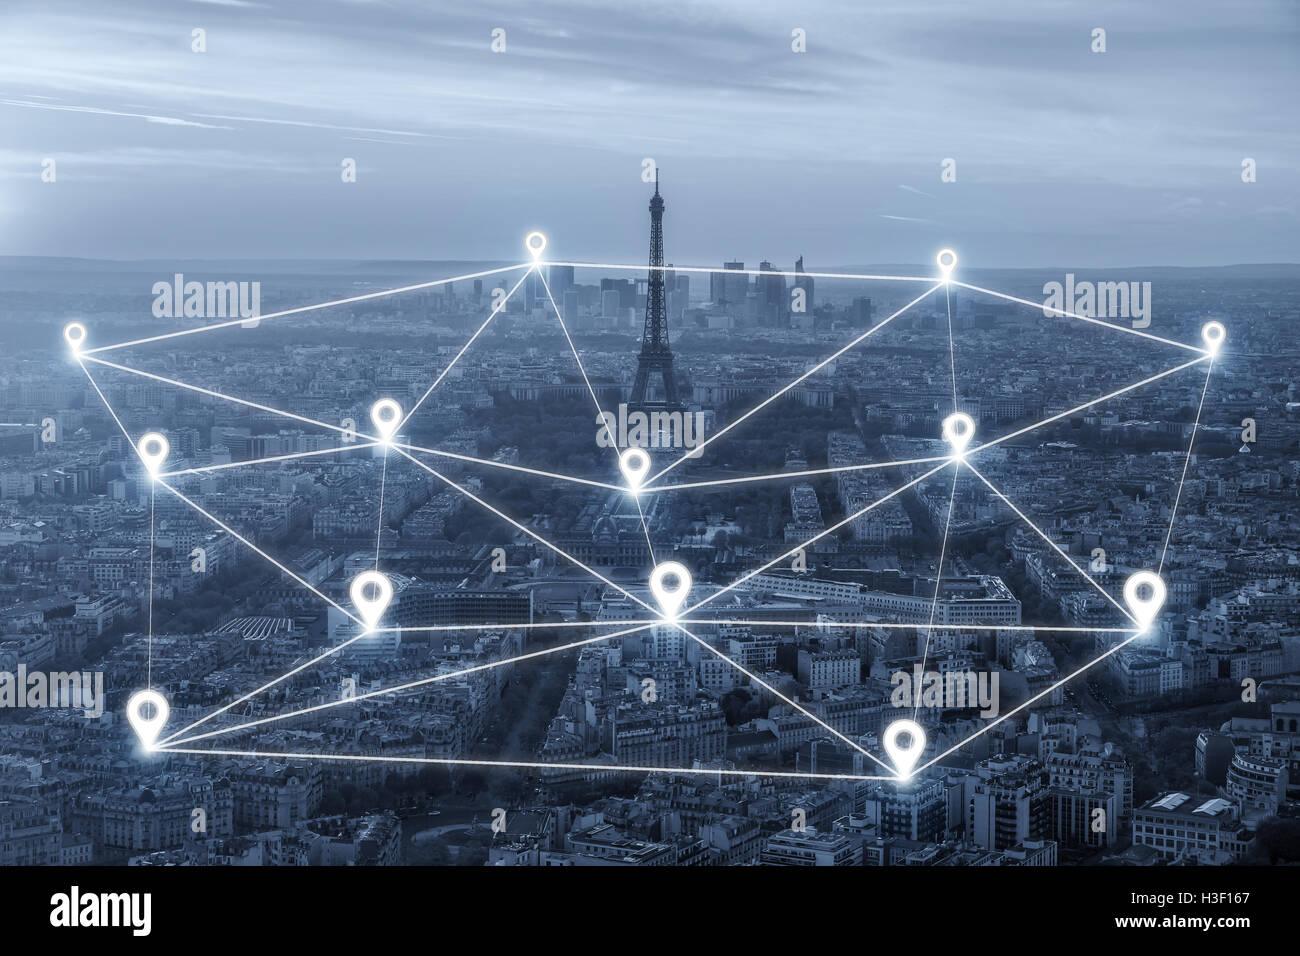 Pasador de conexión de red plana mapa sobre la ciudad de París. Concepto de conexión de red Imagen De Stock